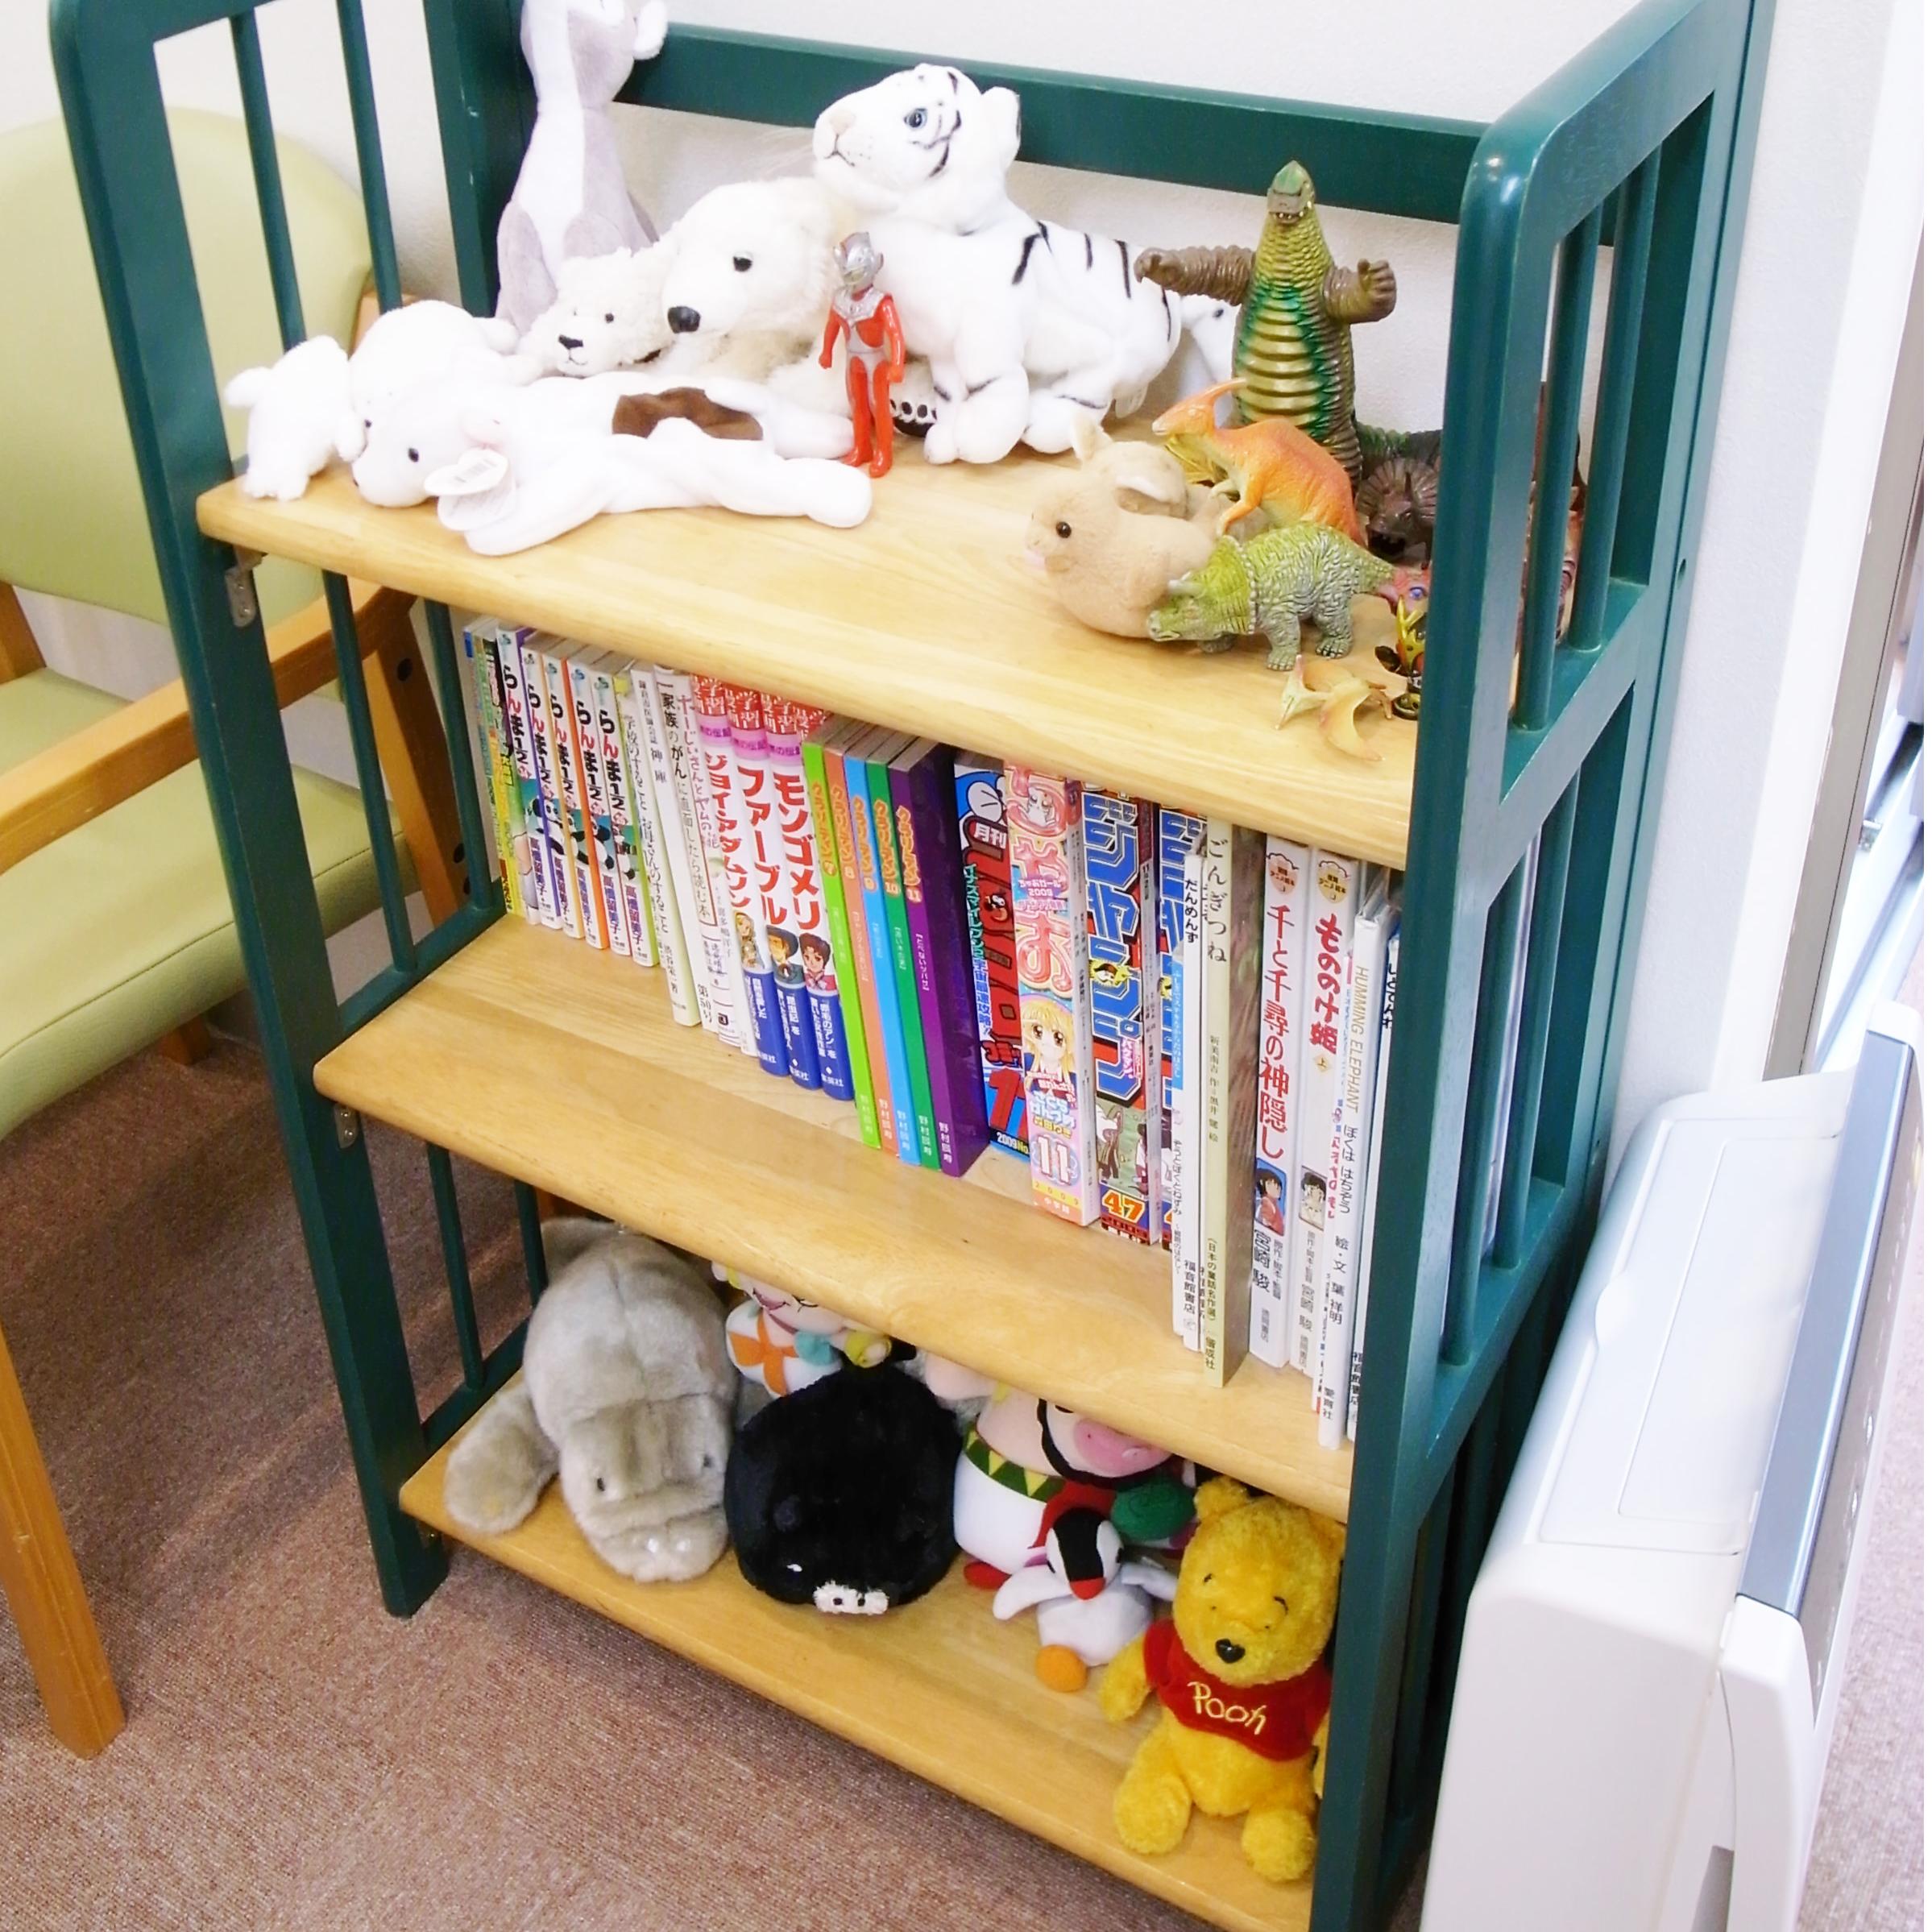 お子さん向け書籍   小さなお子さんが退屈しないよう絵本や ぬいぐるみを揃えてあります